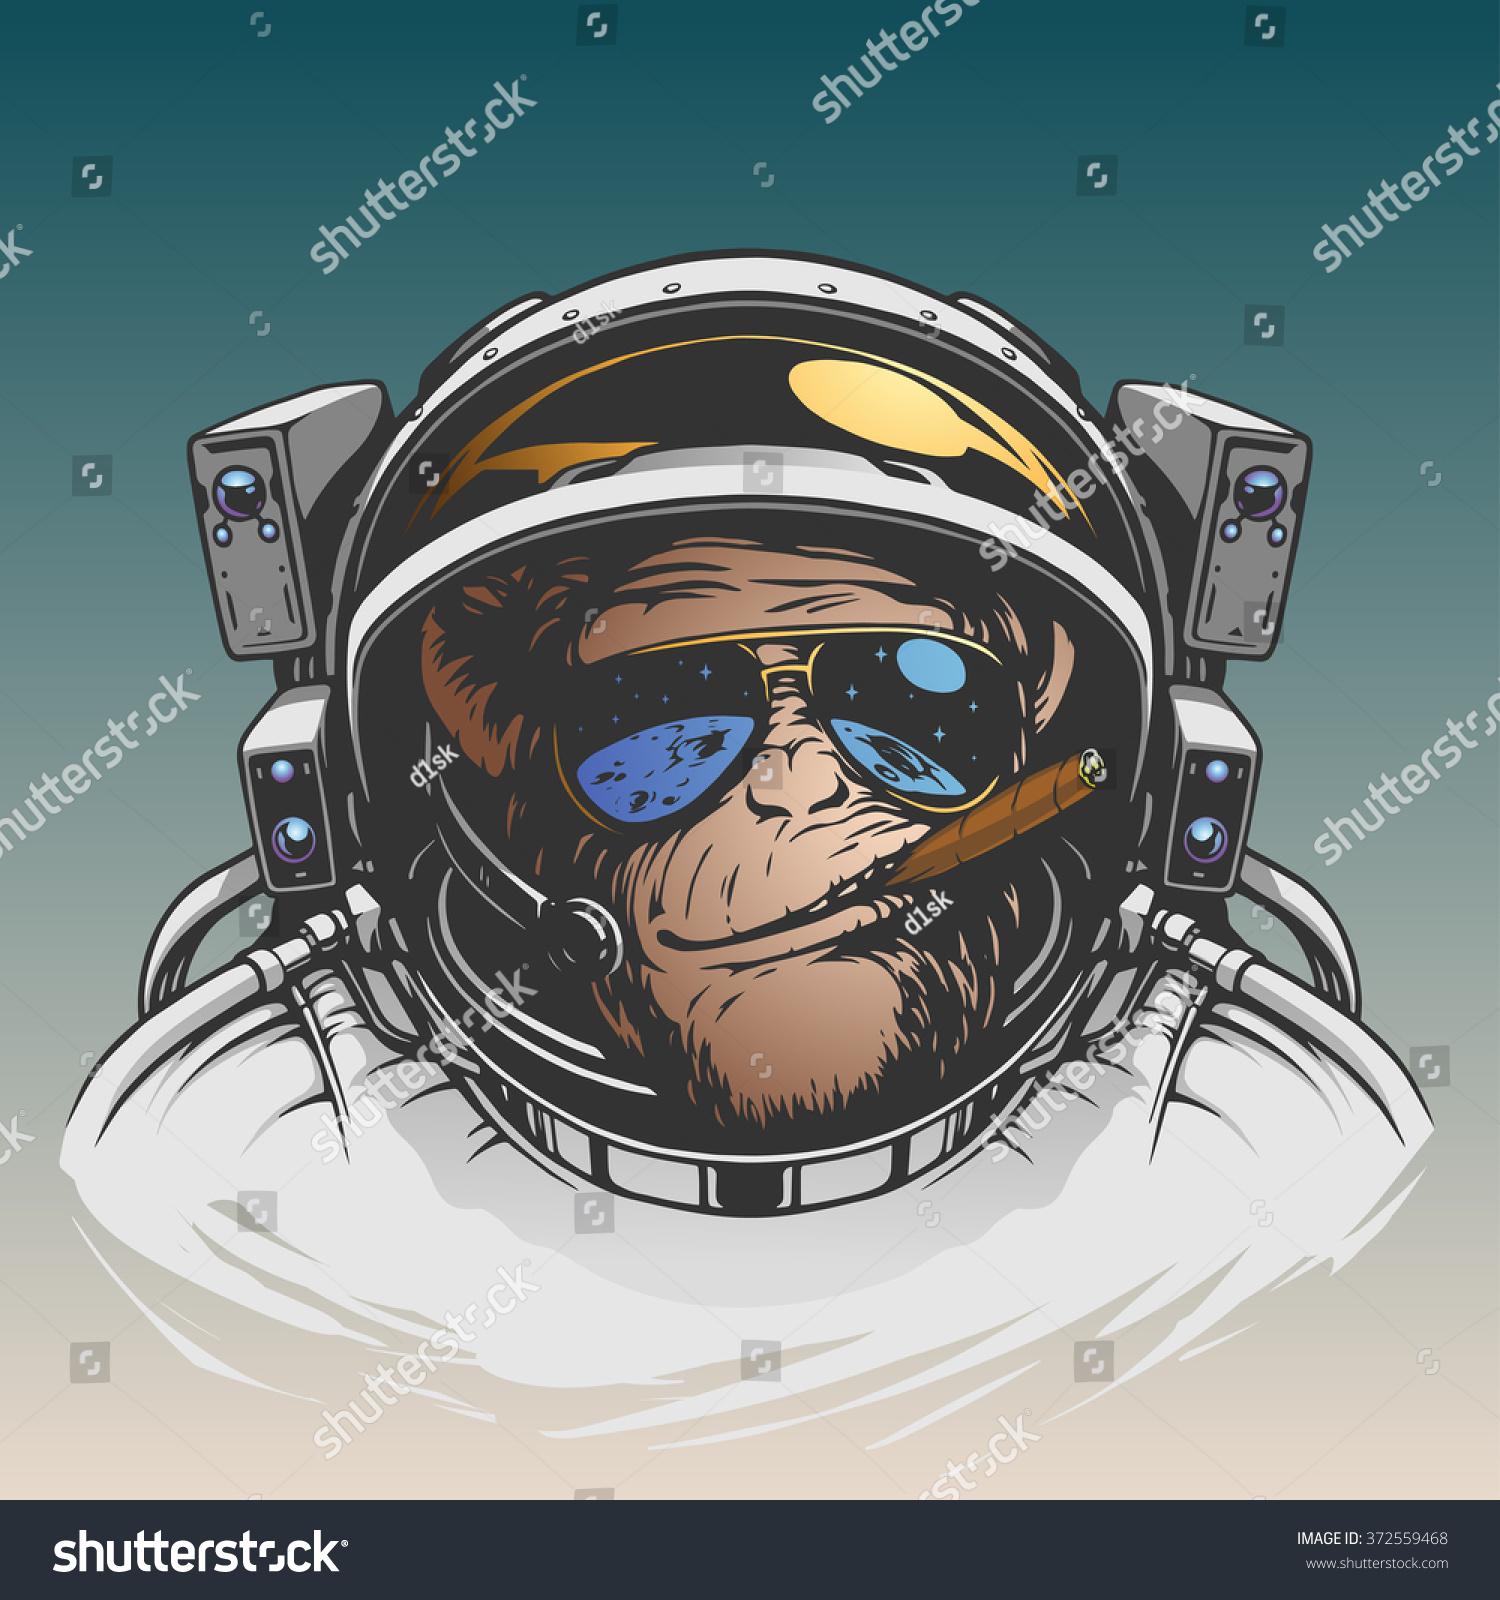 Monkey Astronaut Illustration Stock Vector 372559468 ...